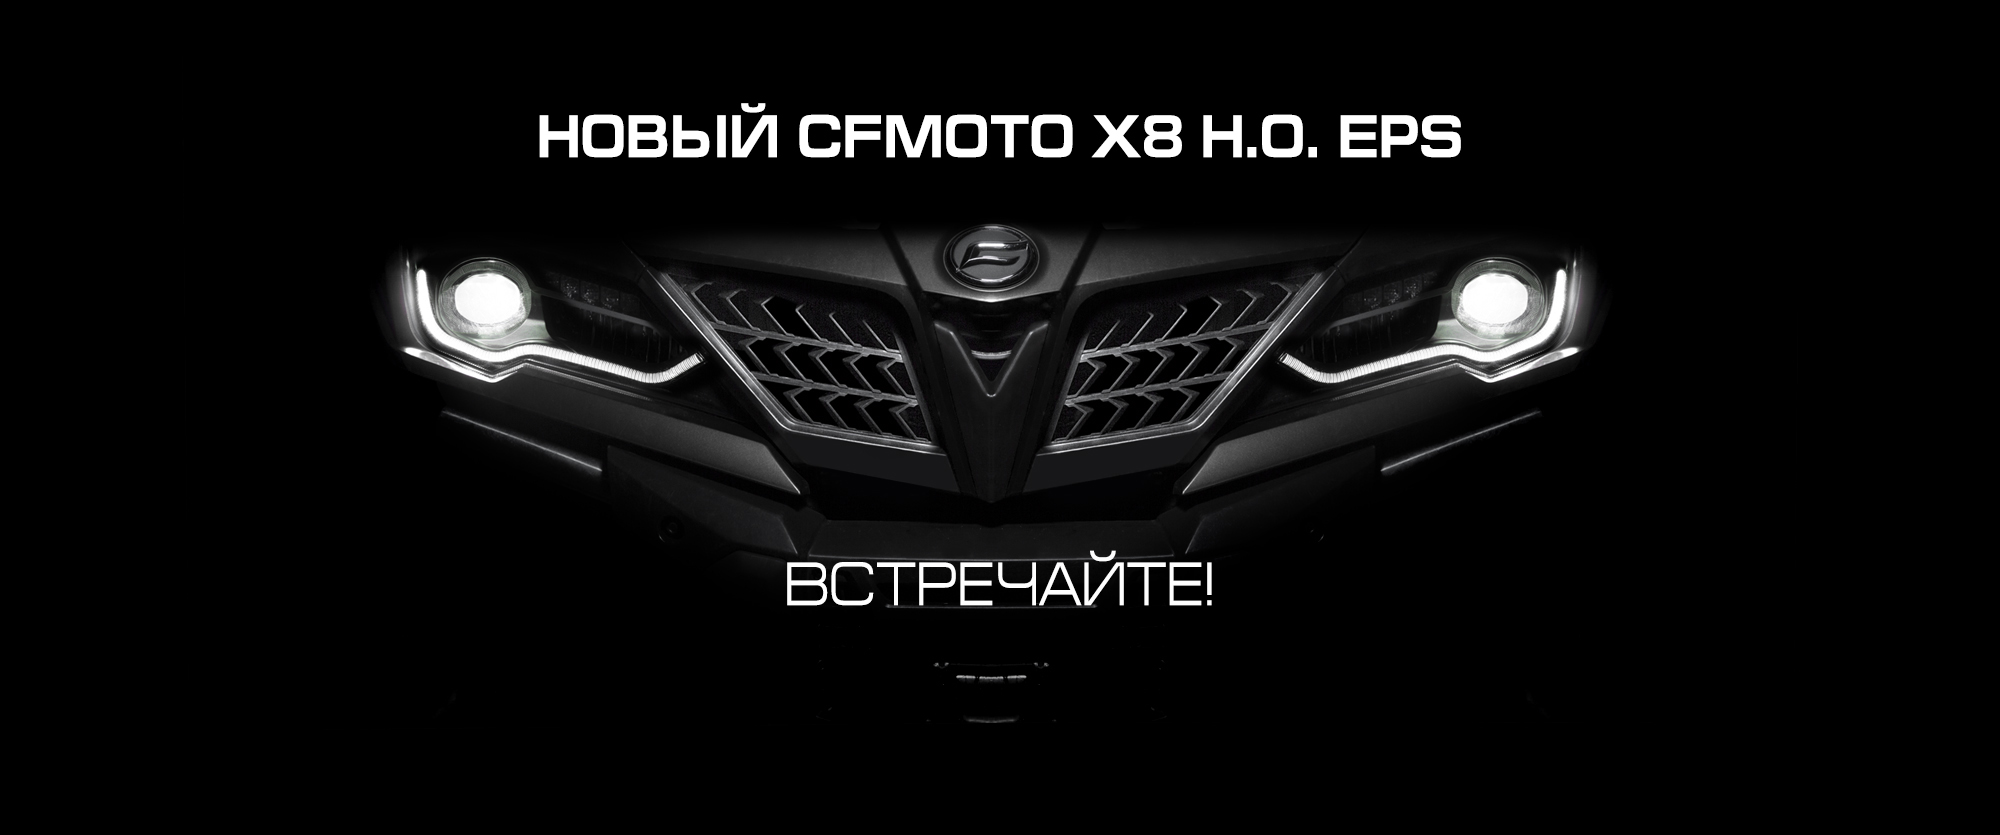 X8 NEW